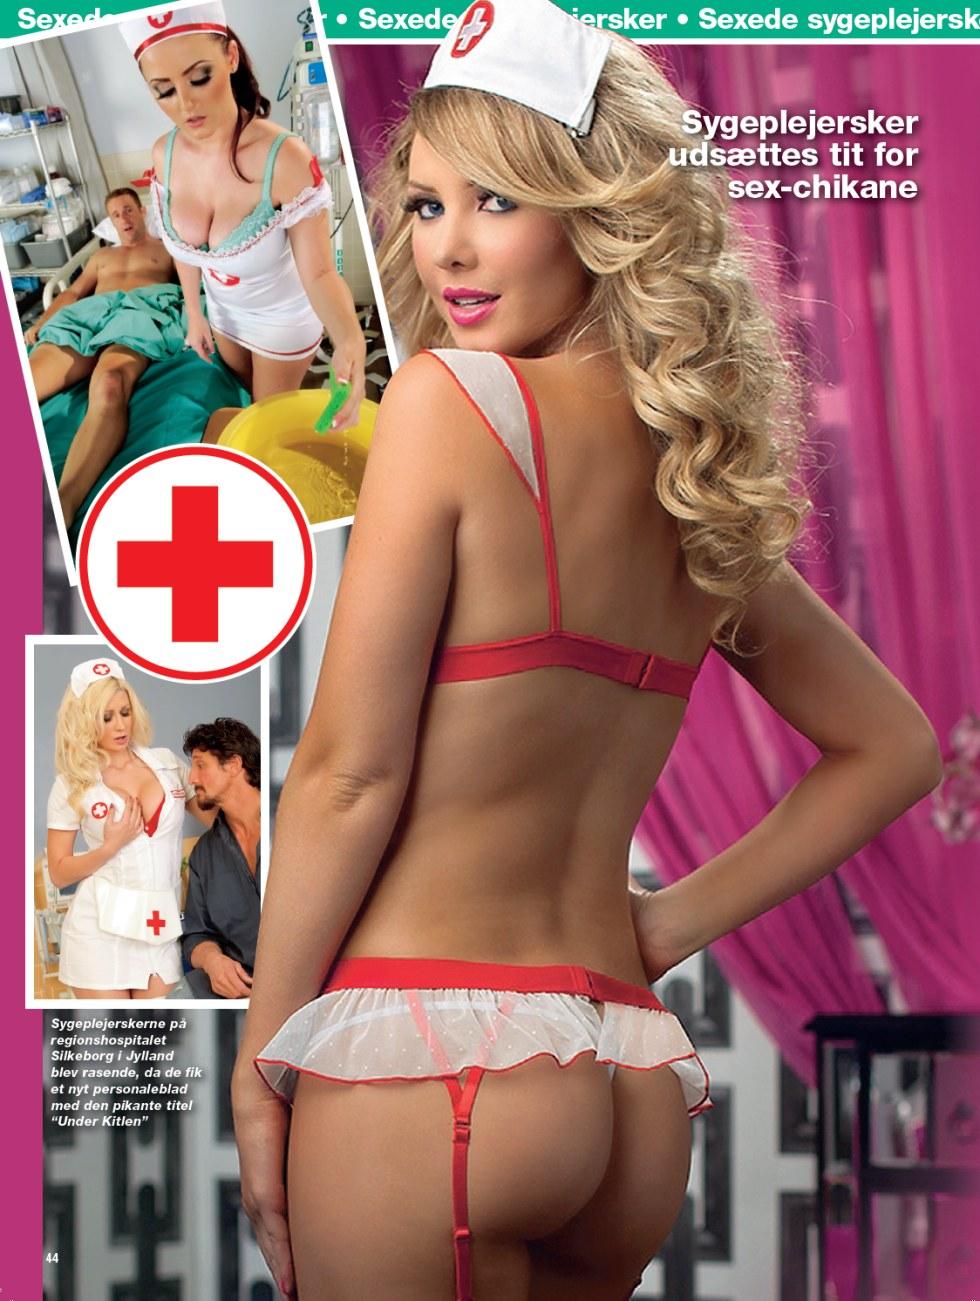 sygeplejesker-sexede-hvidt